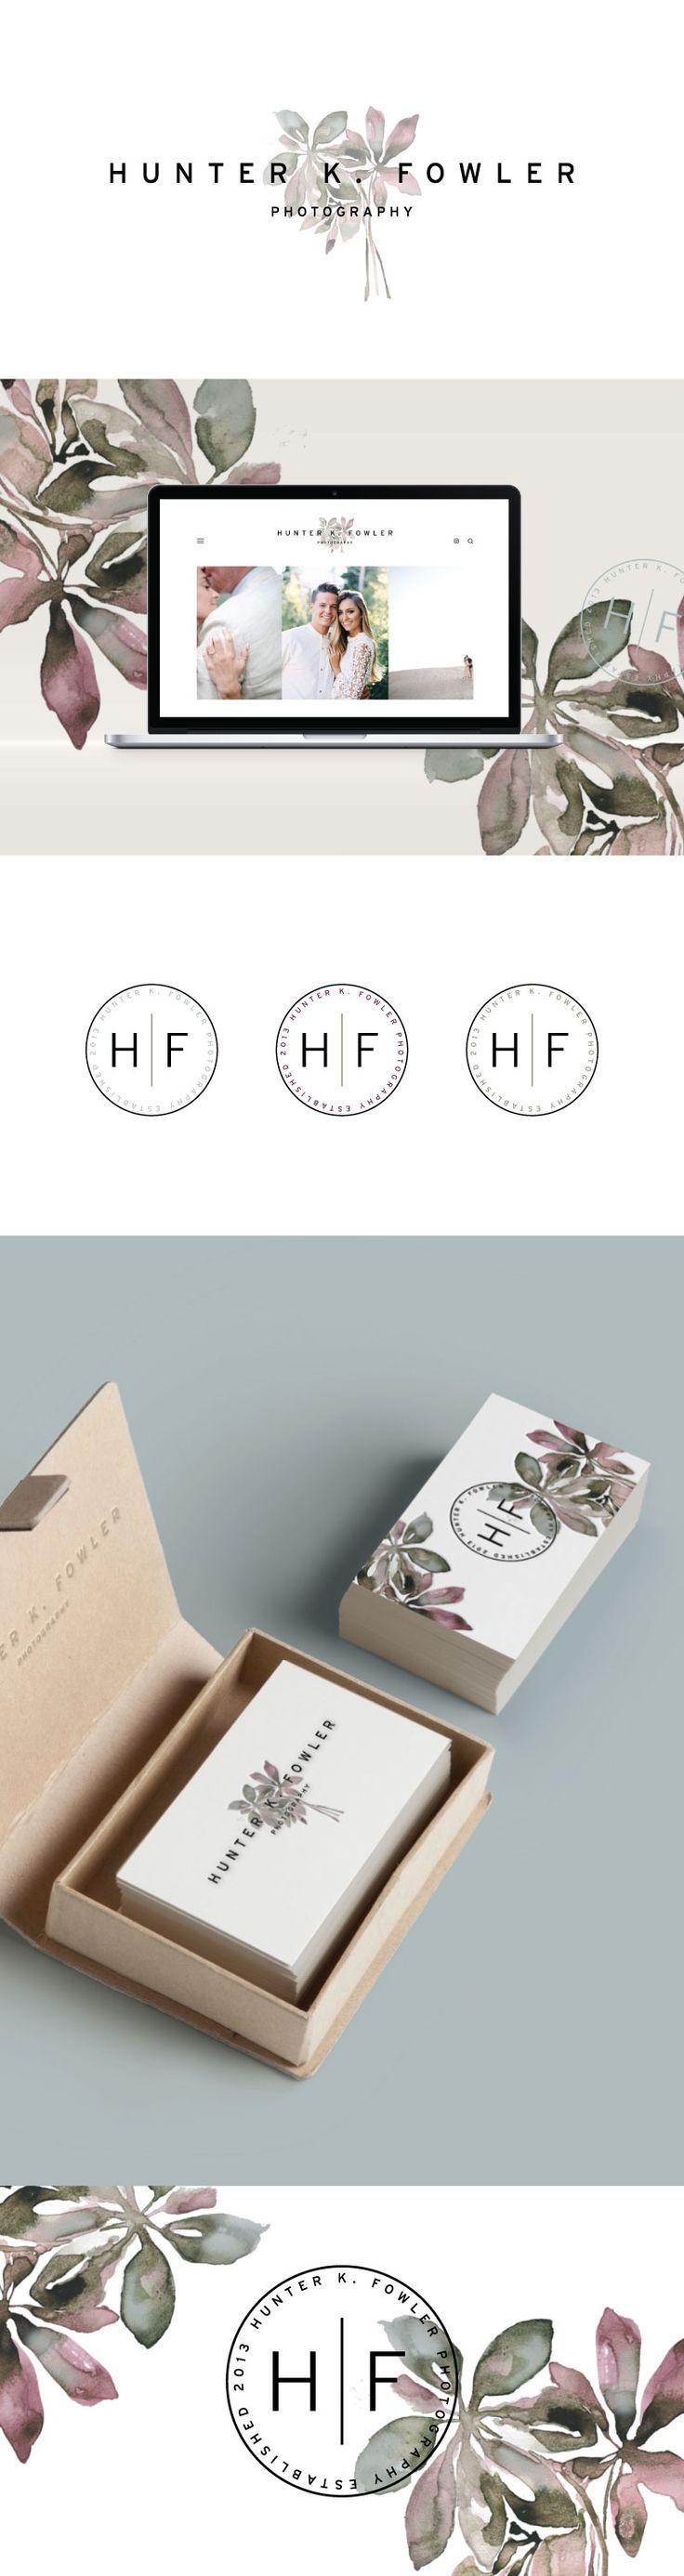 431 best logo branding inspiration images on pinterest